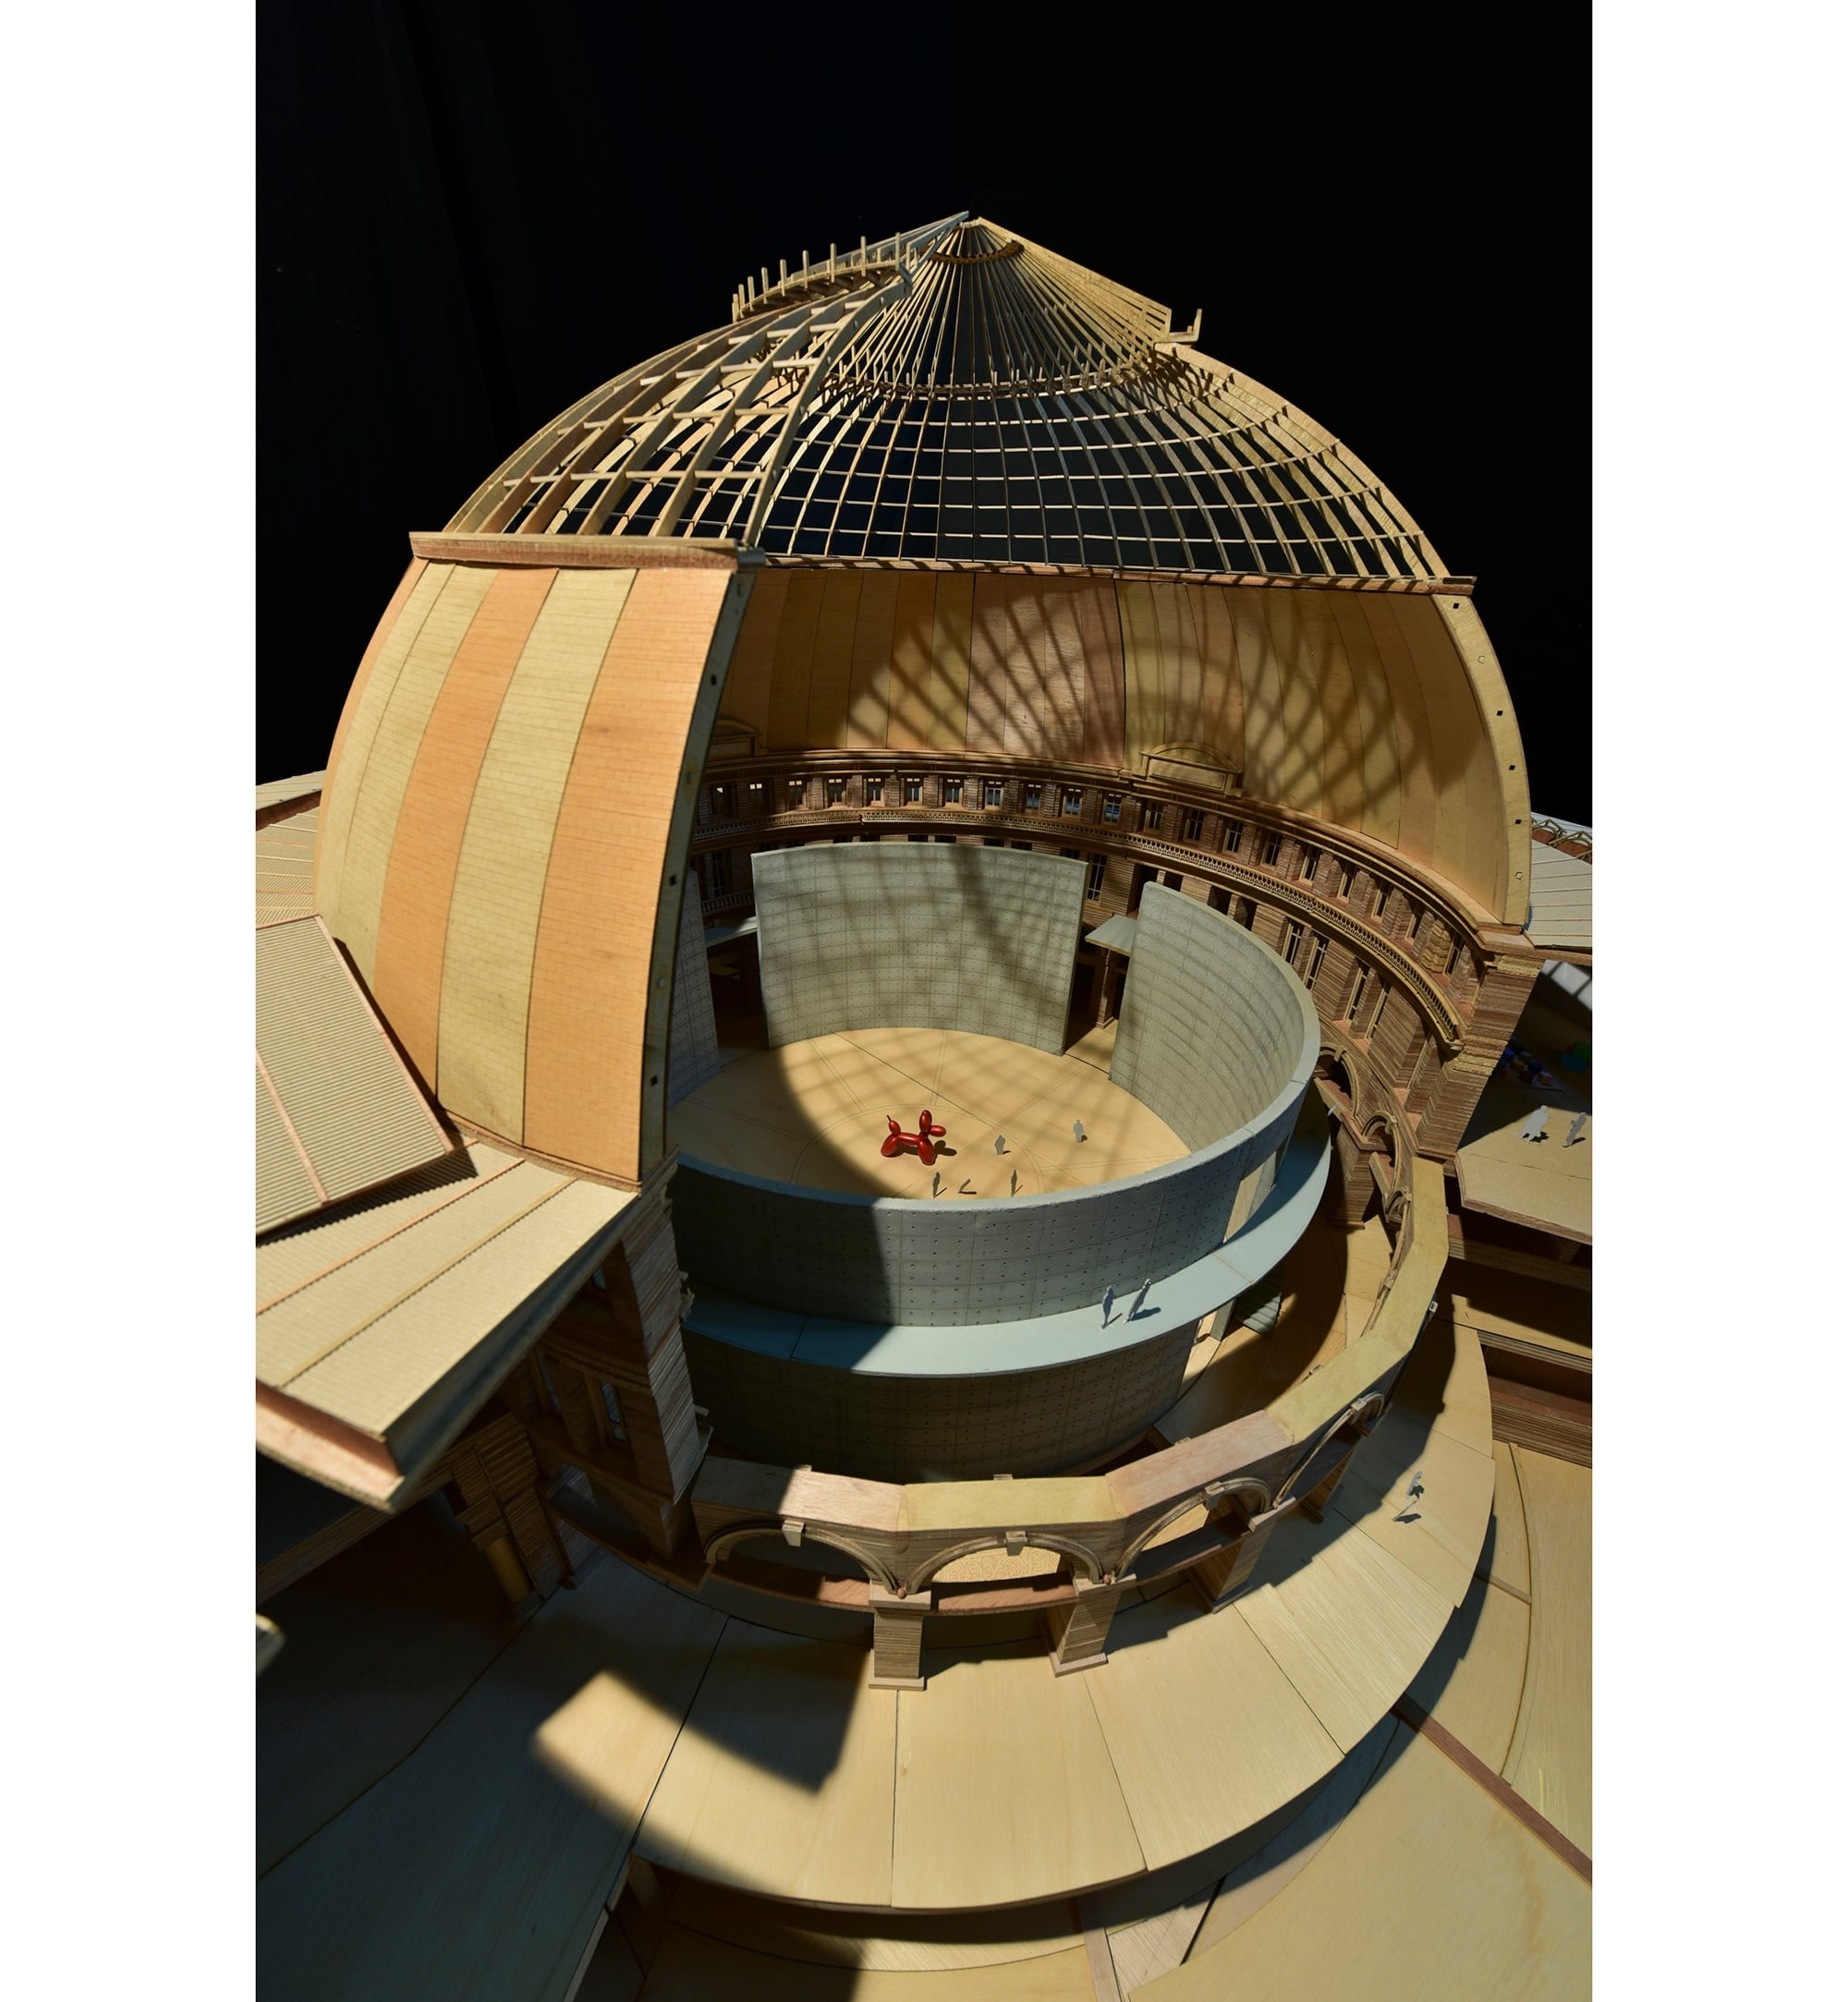 「ブルス・ドゥ・コメルス」はドーム屋根が特徴の建物。歴史的建造物にも指定されている。Photography by © TADAO ANDO ARCHITECT & ASSOCIATES